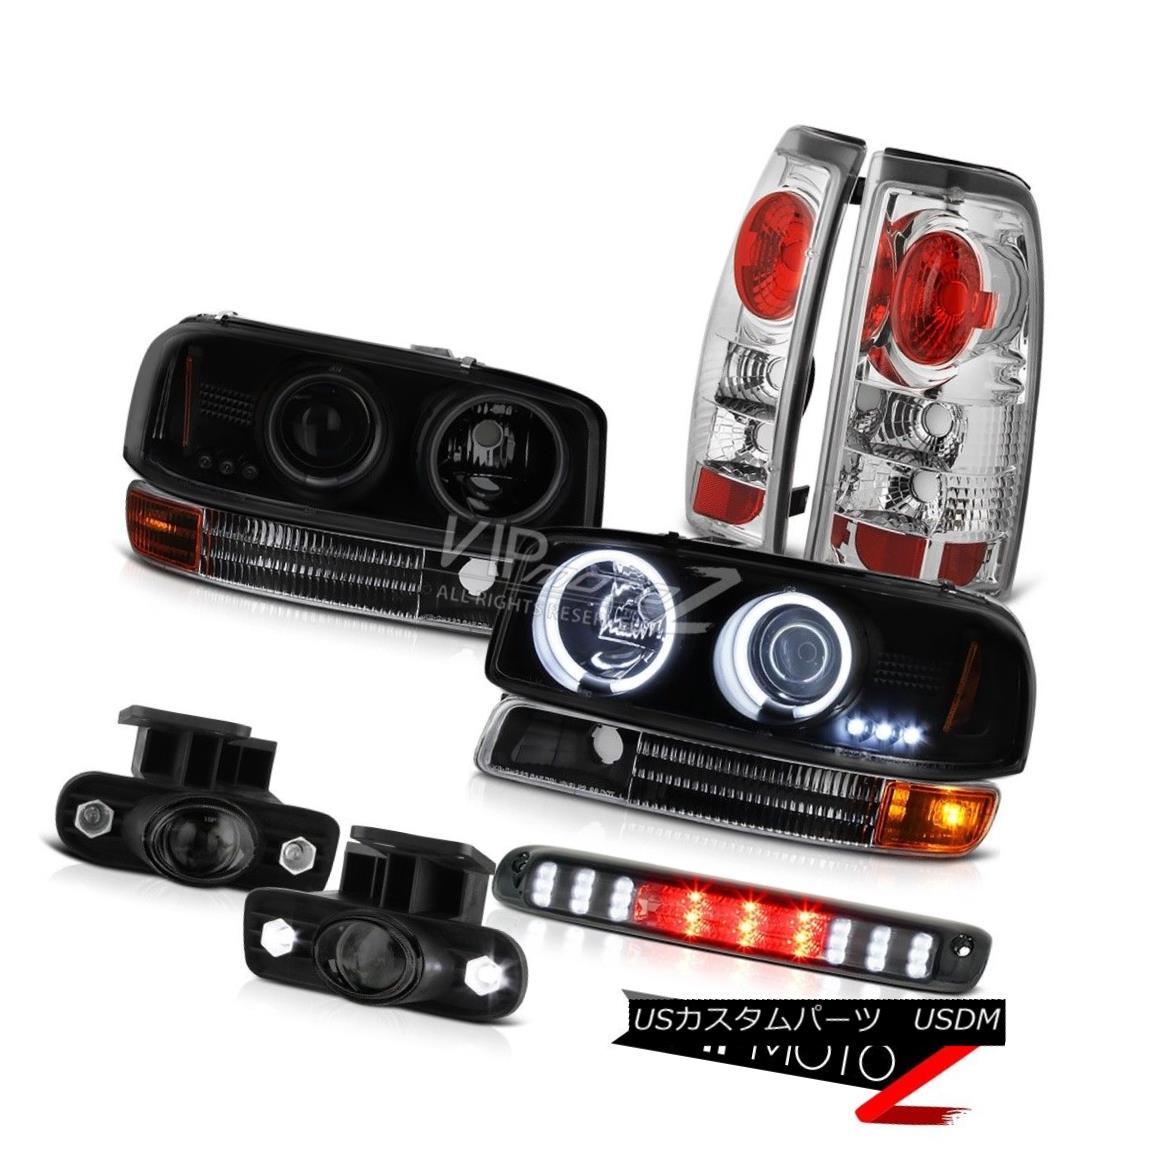 ヘッドライト 99-02 Sierra CCFL Fluorescence Halo Headlights Altezza Tail Lights Projector Fog 99-02 Sierra CCFL蛍光ハローヘッドライトAltezza Tail Lightsプロジェクターフォグ